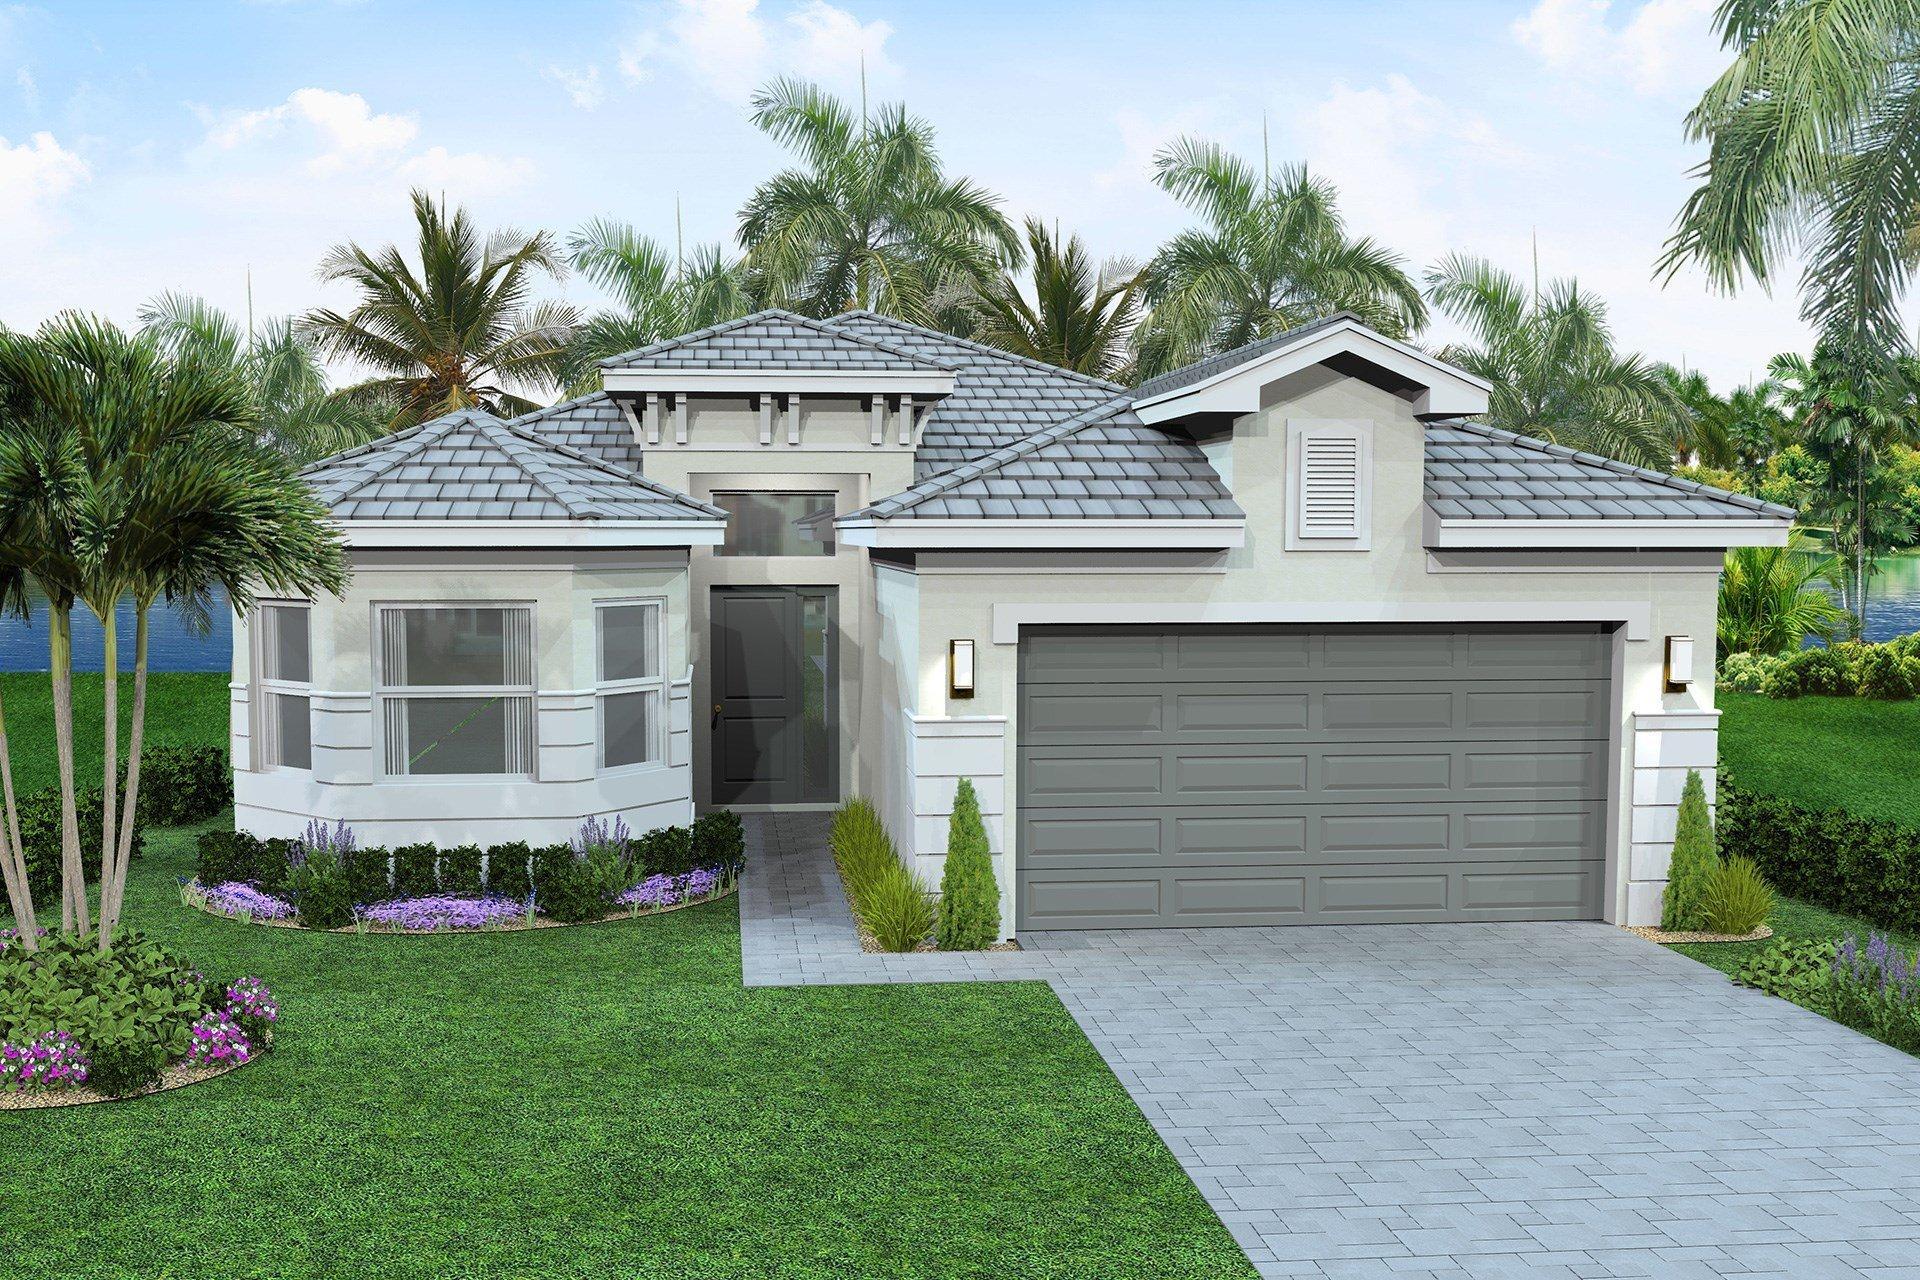 12660 New Caladonia Lane  Boynton Beach, FL 33473